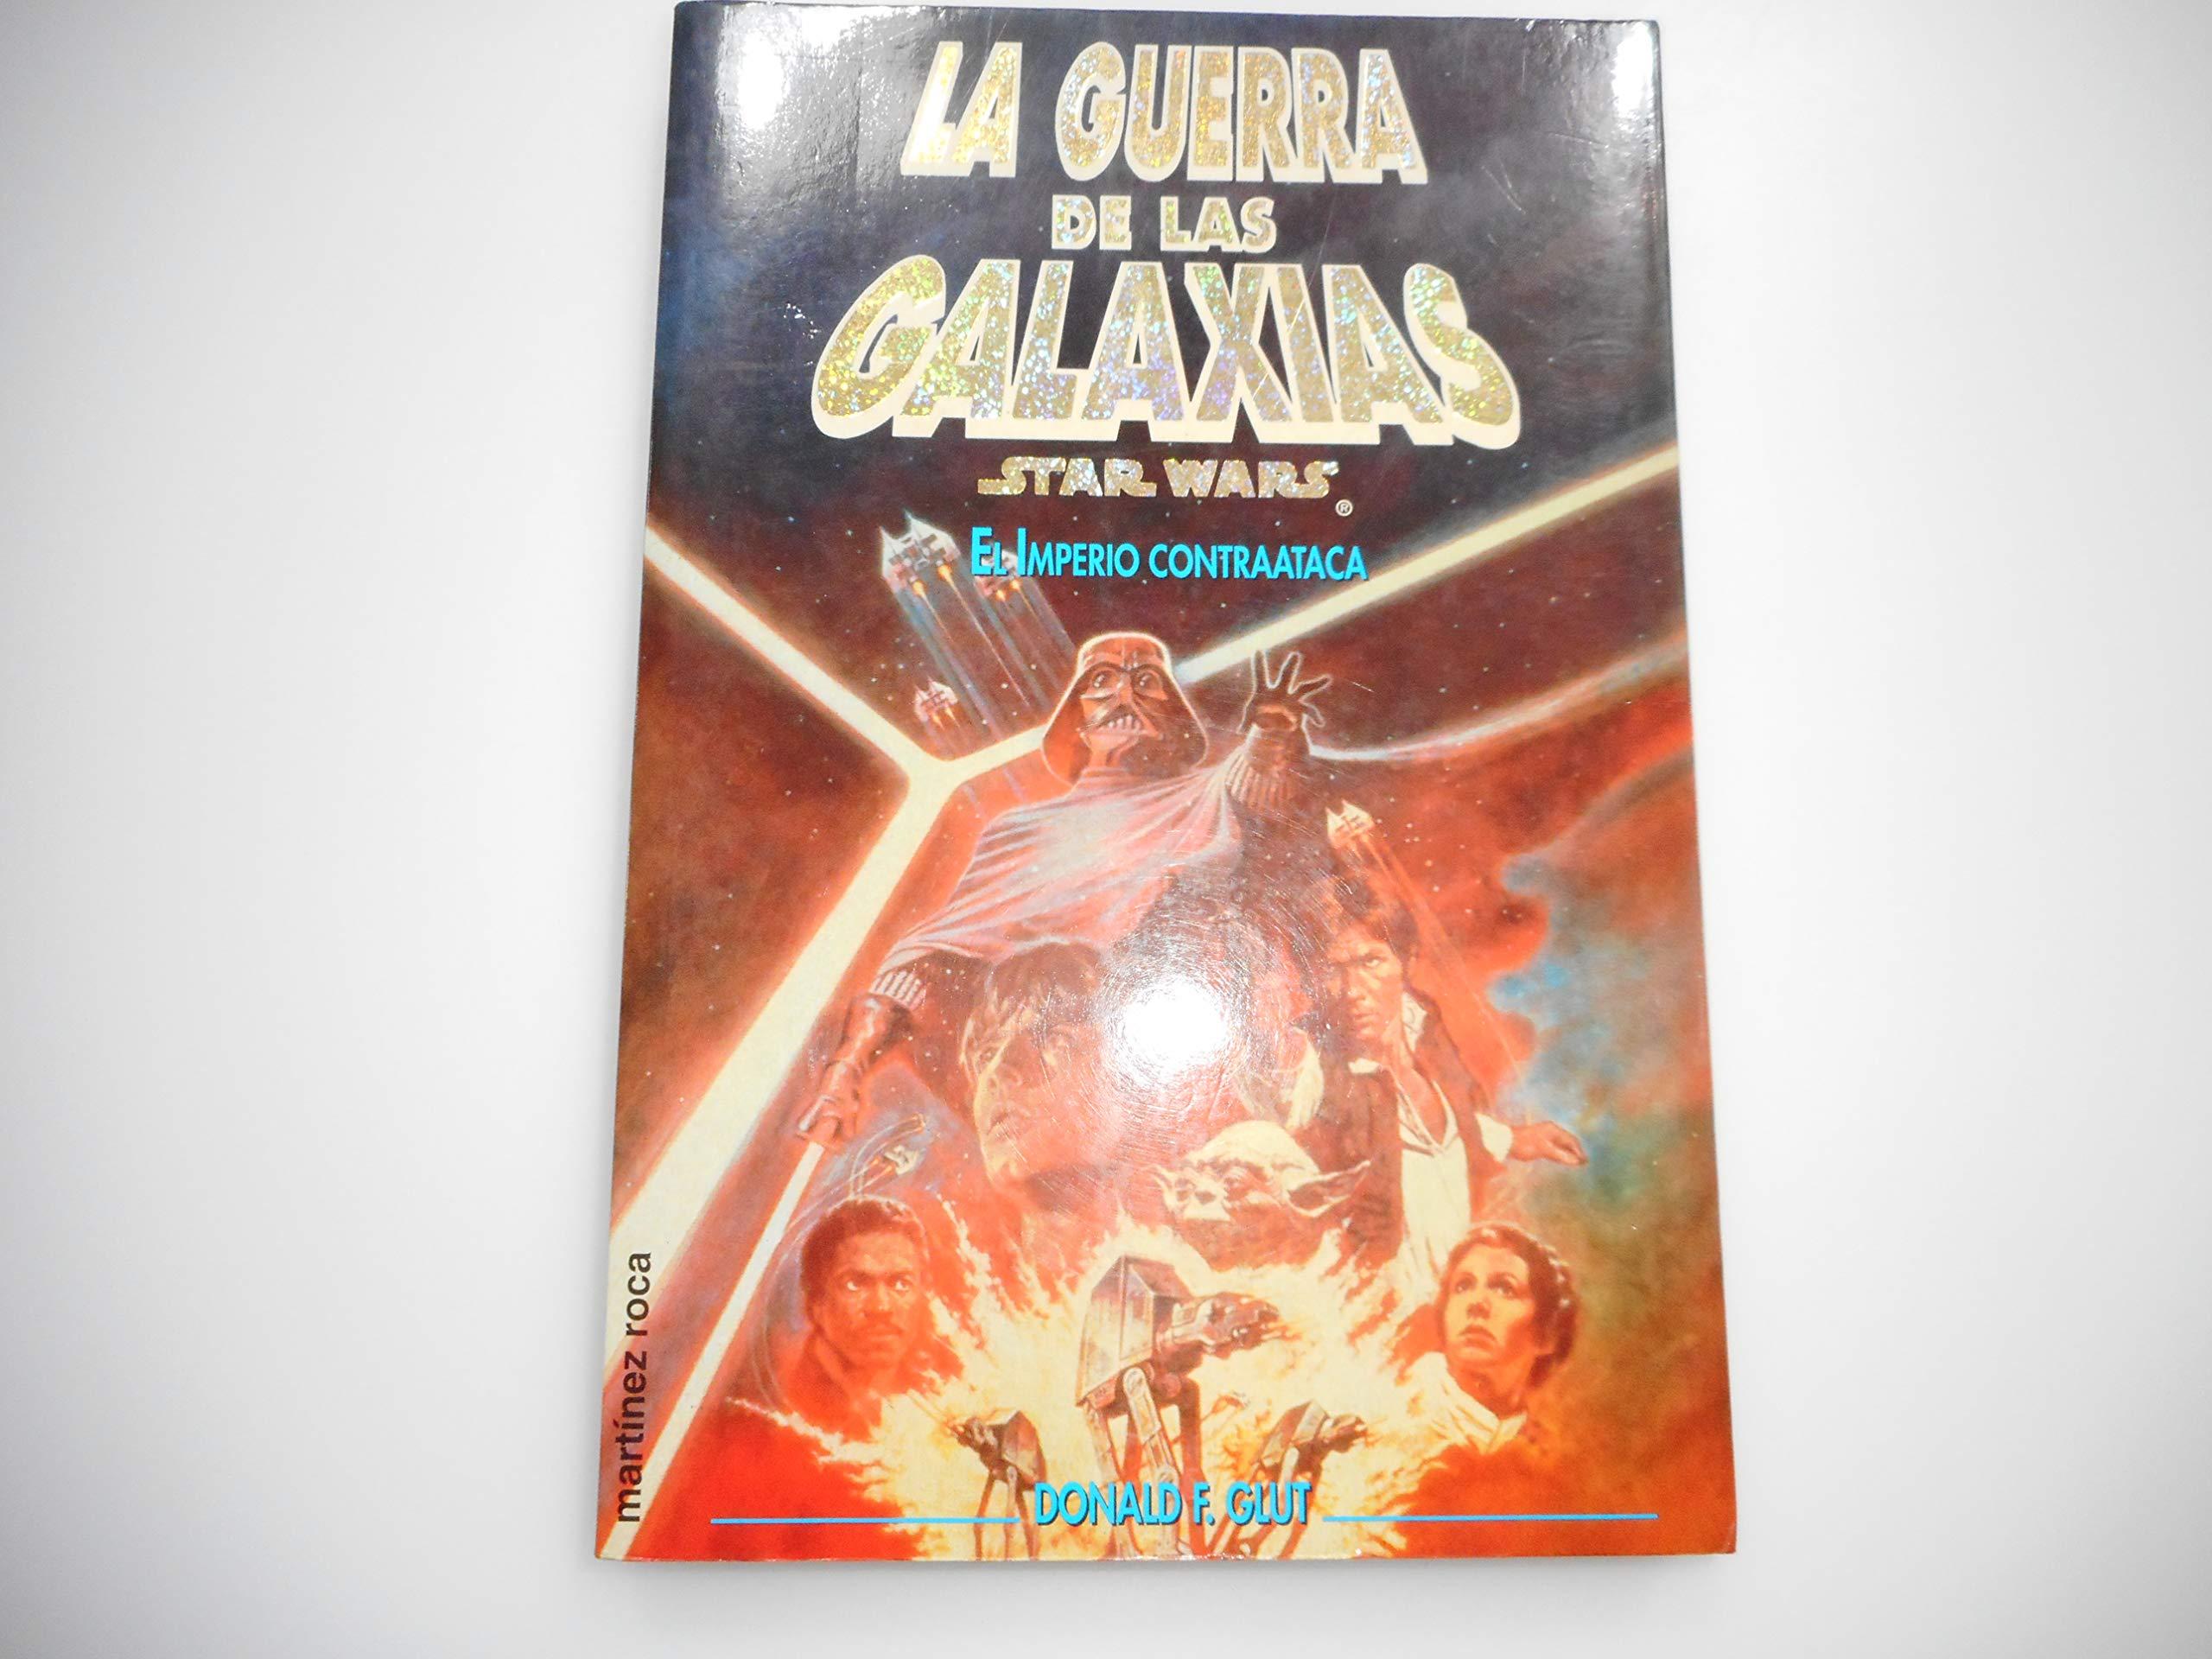 Guerra De Las Galaxias, La - El Imperio Contraataca: Amazon.es: Glut, Donald: Libros